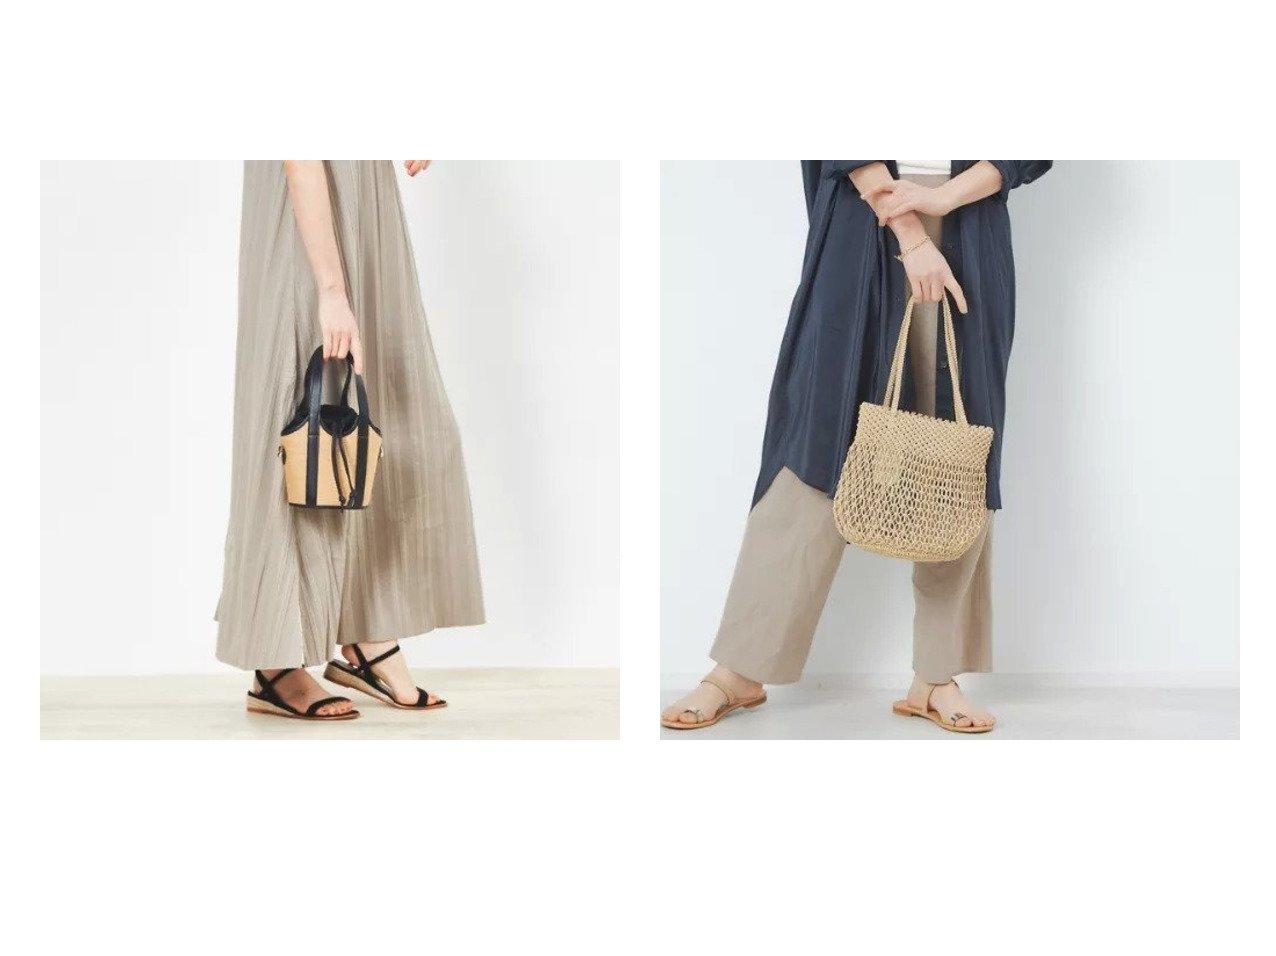 【Rouge vif/ルージュ ヴィフ】の【BAGMATI】メッシュバッグ&【MAISON BOINET】ハンドバッグ バッグ・鞄のおすすめ!人気、トレンド・レディースファッションの通販 おすすめで人気の流行・トレンド、ファッションの通販商品 メンズファッション・キッズファッション・インテリア・家具・レディースファッション・服の通販 founy(ファニー) https://founy.com/ ファッション Fashion レディースファッション WOMEN バッグ Bag S/S 春夏 SS Spring/Summer メッシュ 人気 春 Spring ハンドバッグ パイピング フォルム フランス メンズ ラグジュアリー |ID:crp329100000013710